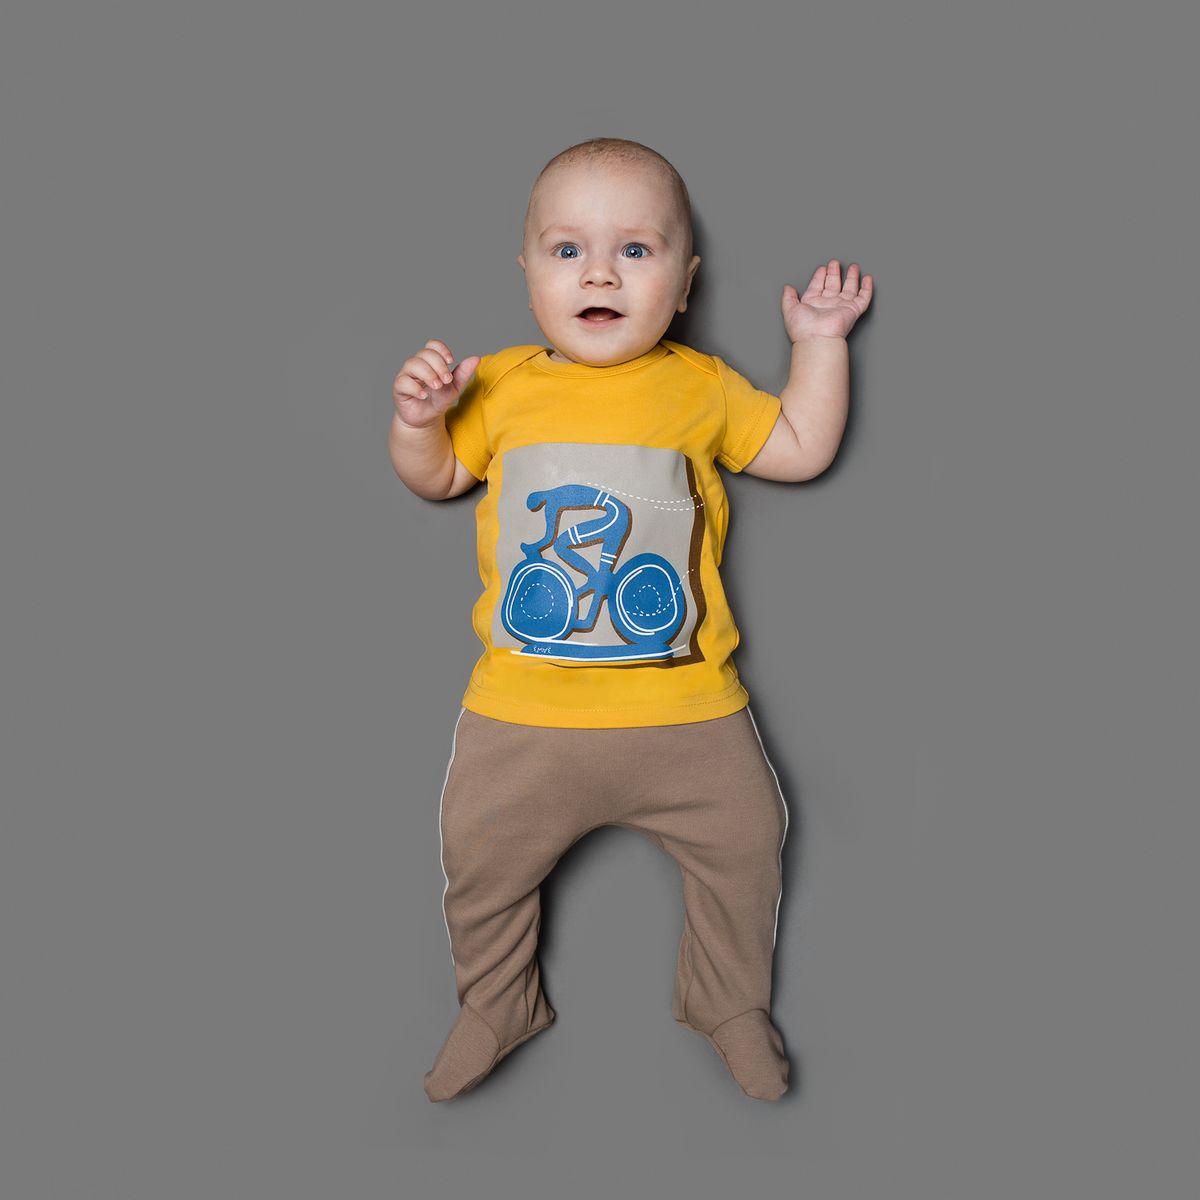 Ползунки для мальчика Ёмаё, цвет: бежевый. 26-252. Размер 6226-252Ползунки для мальчика Ёмаё выполнены из натурального хлопка.Модель с закрытыми ножками подходят для ношения с подгузником и без него. На талии они имеют широкую трикотажную резинку, не сжимающую животик ребенка. Ползунки оформлены контрастными лампасами.